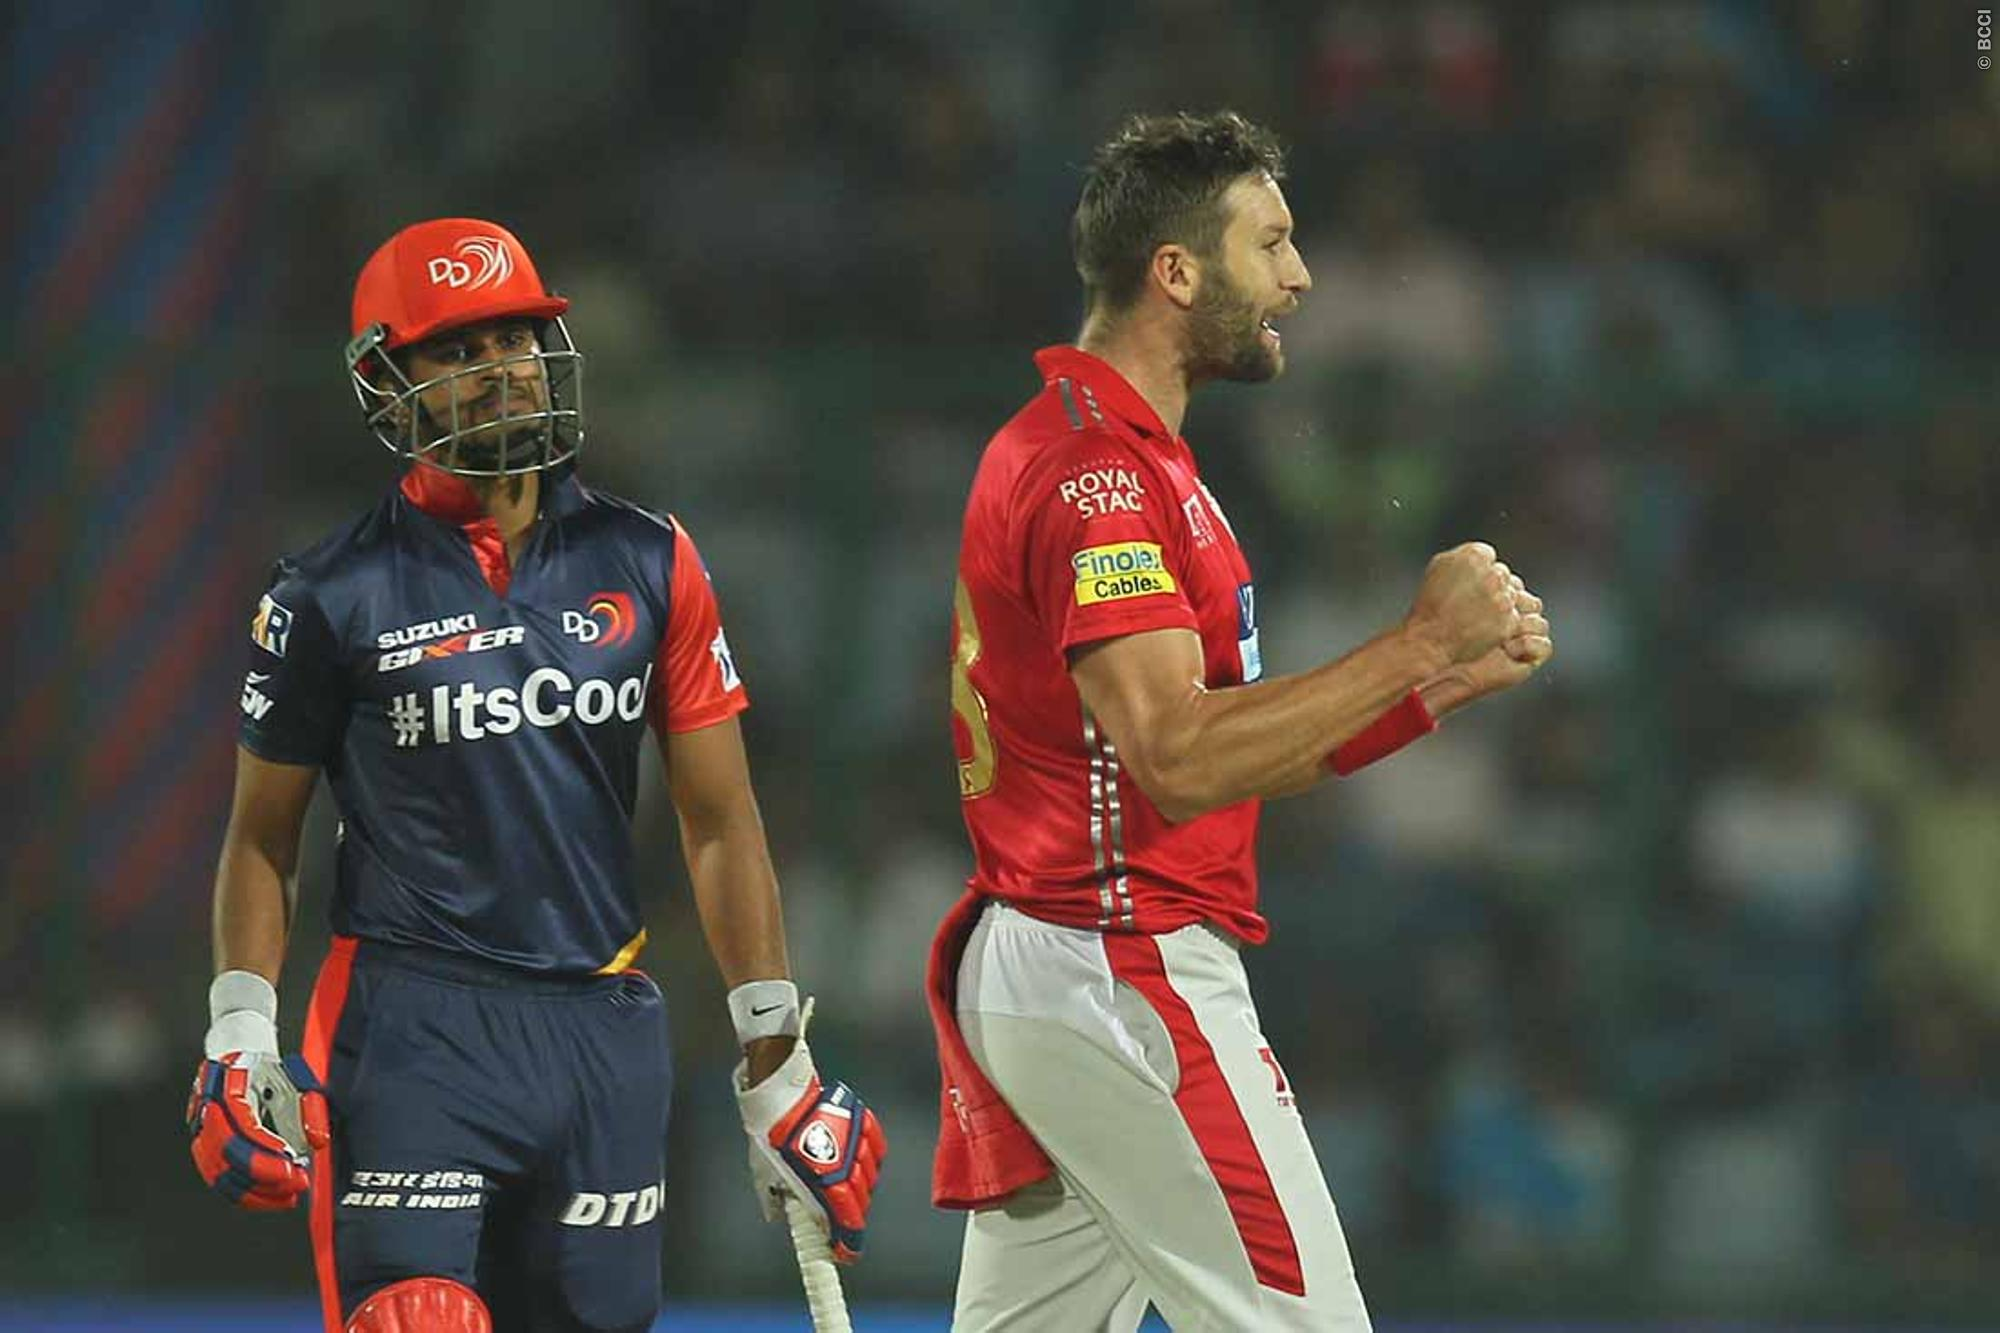 IPL 2018: 6 में से 5 मैच हारने के बाद टुटा गौतम गंभीर के सब्र का बाँध, सीधे तौर पर इन्हें ठहराया हार का जिम्मेदार 5